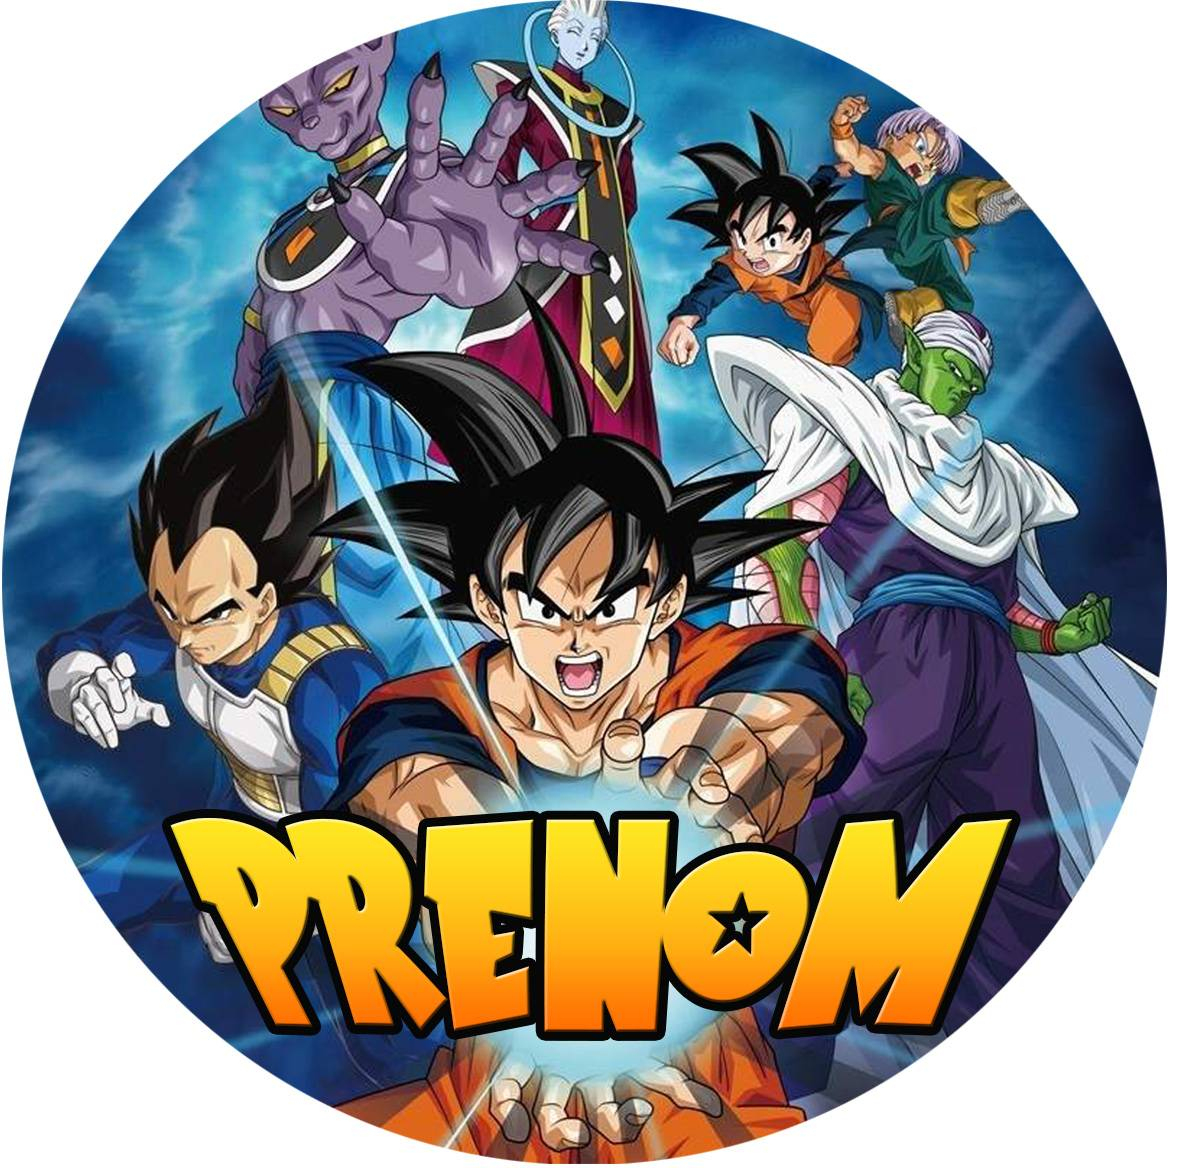 Impression Alimre Personnalisée Dragon Ball Super - Planete Gateau avec Dessin Animé De Dragon Ball Z